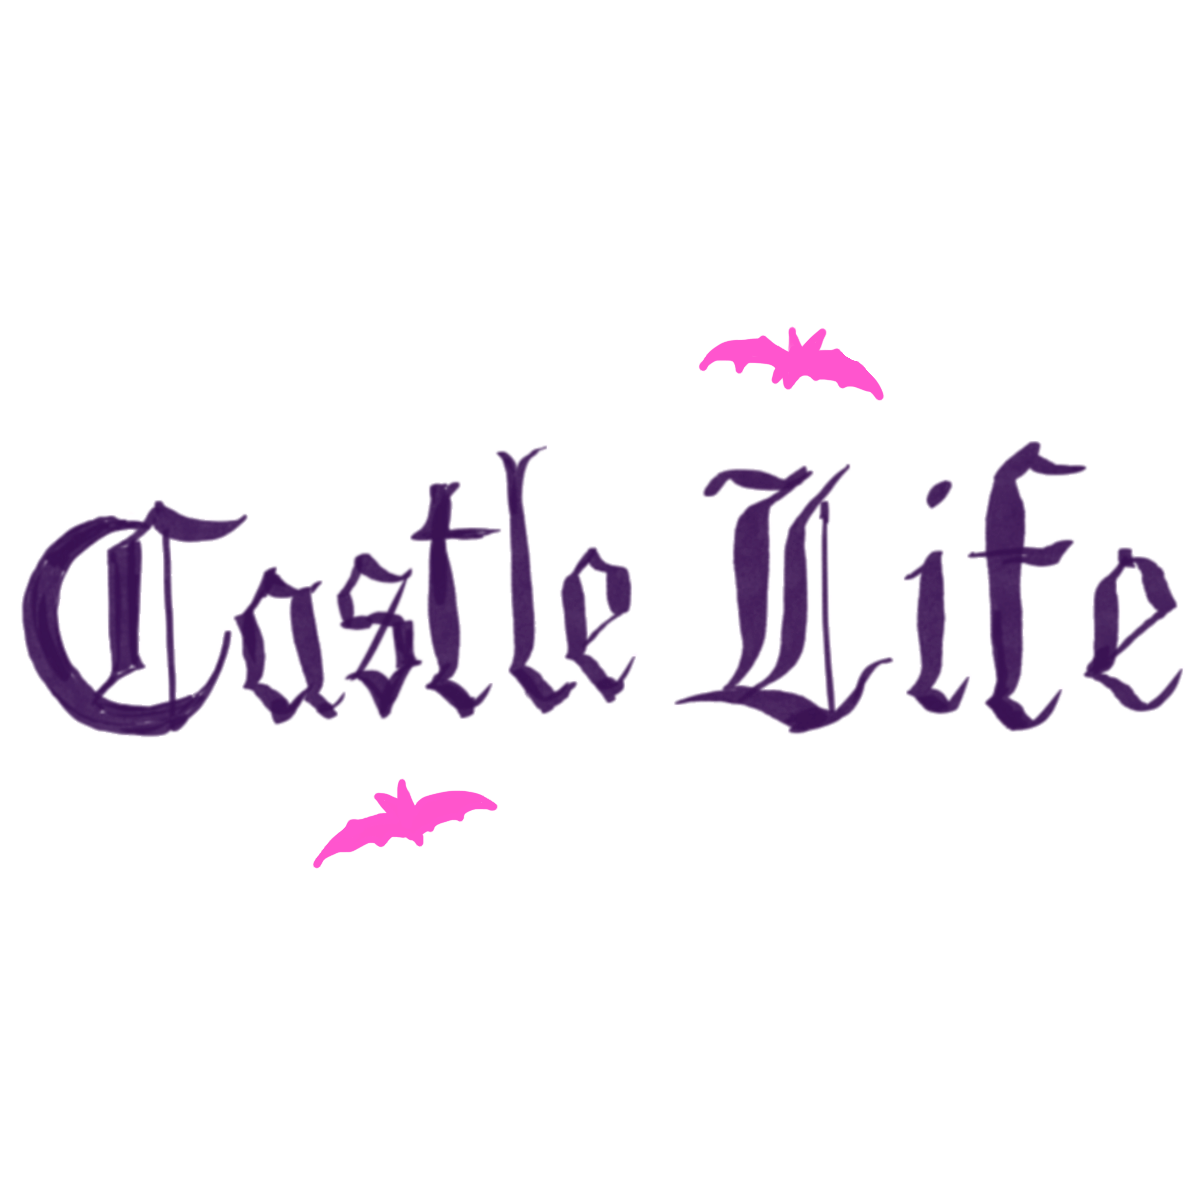 Castle Life messages sticker-2